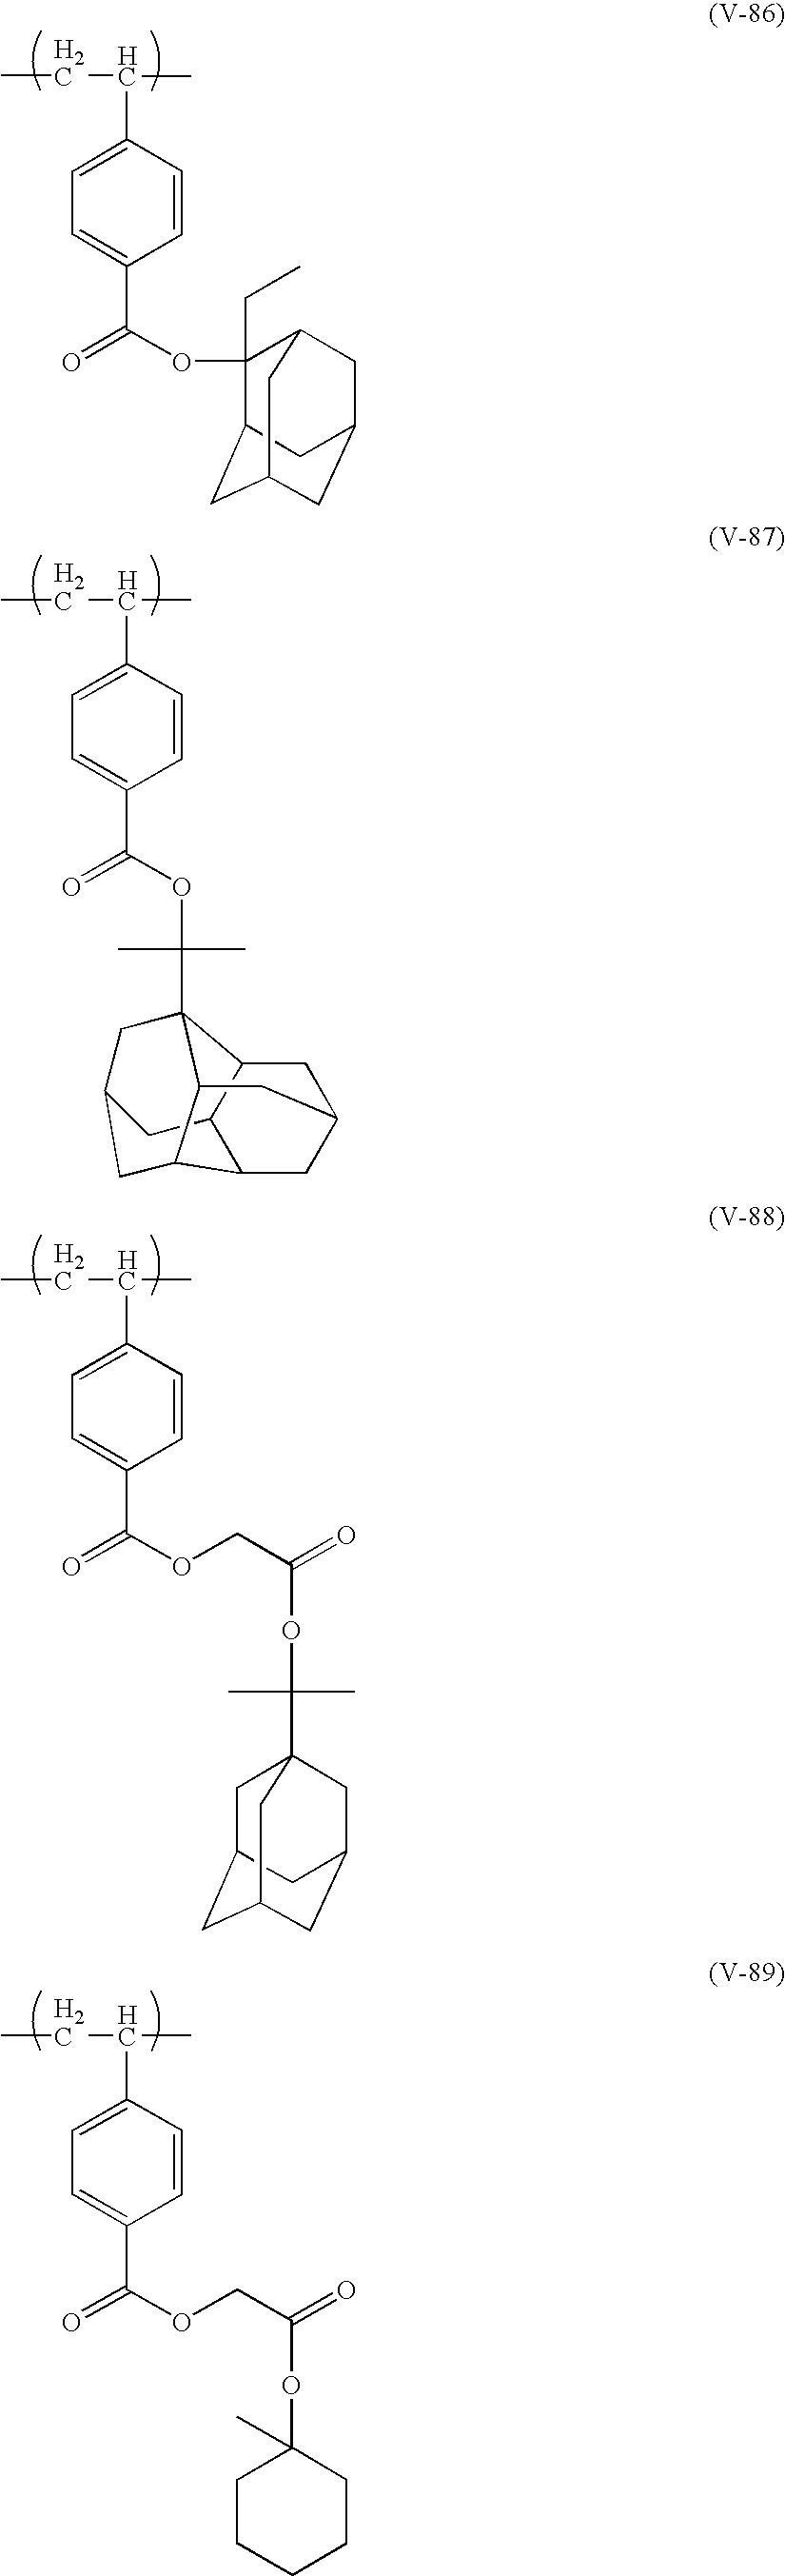 Figure US08852845-20141007-C00123